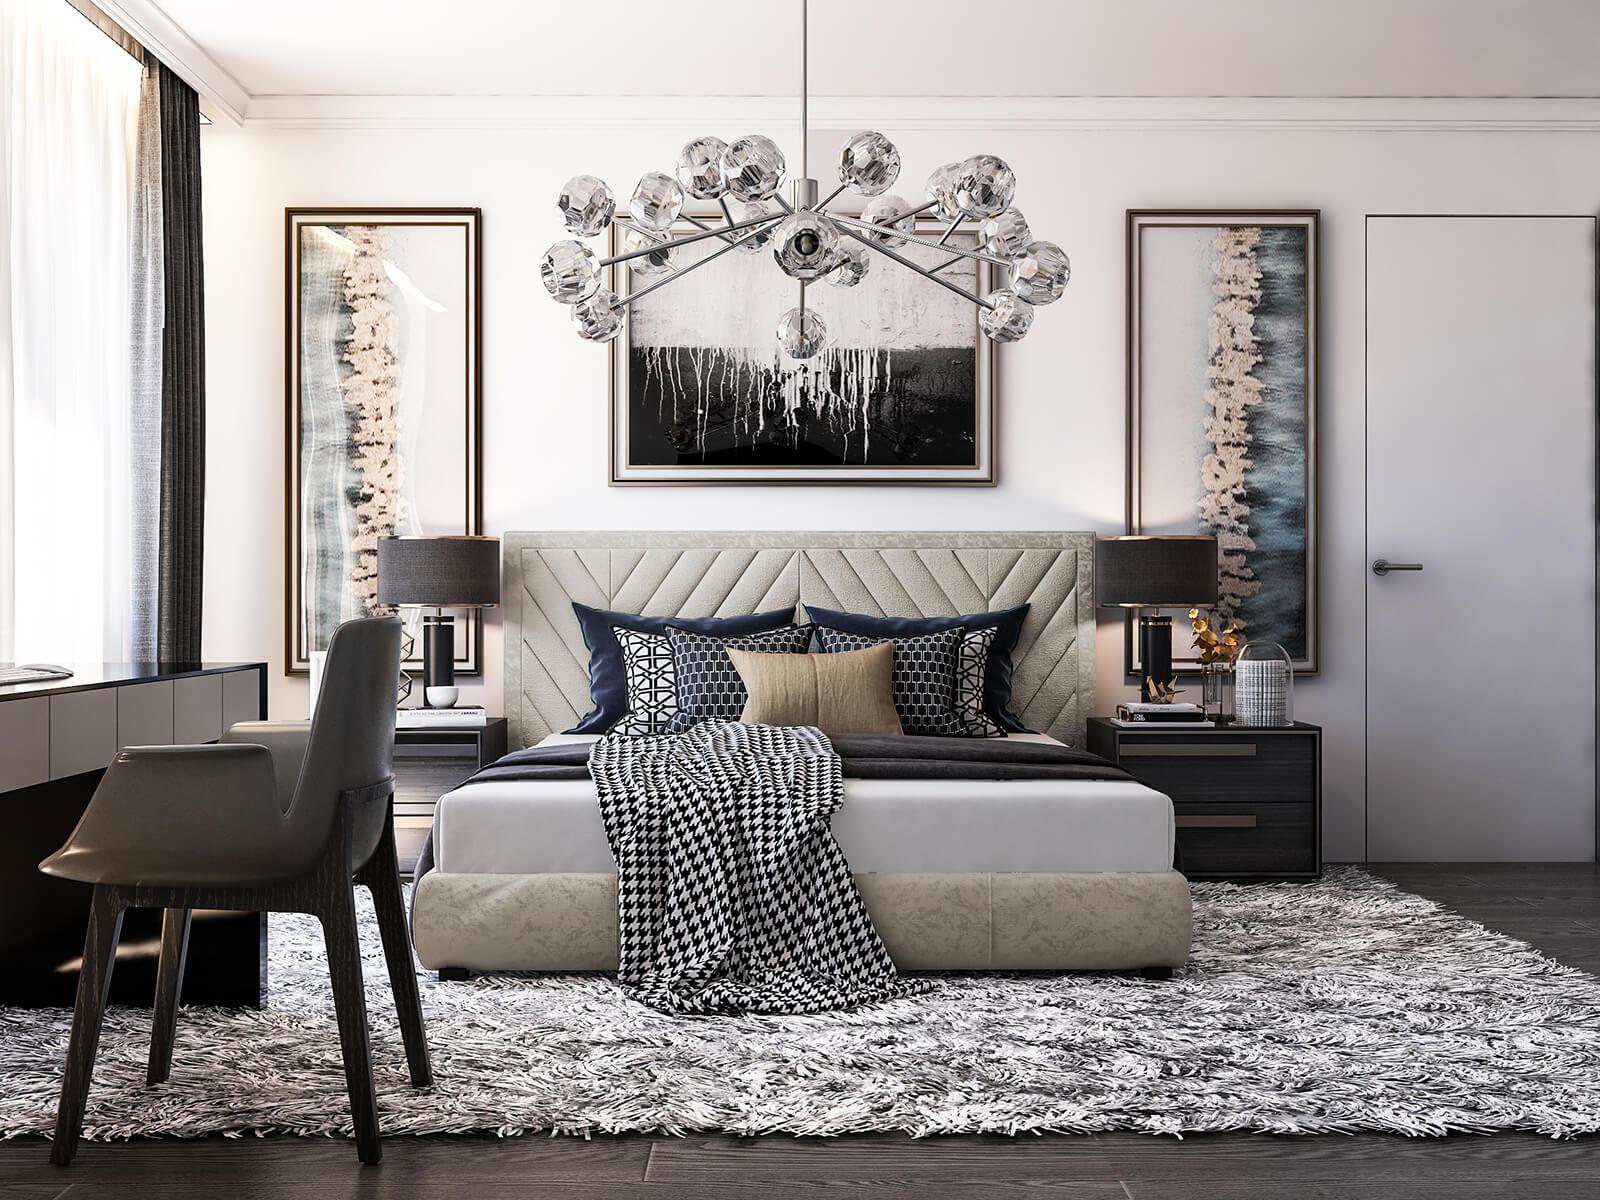 interioren-dizain-proekt-na-staya-za-gosti-spalnya-serena (1)